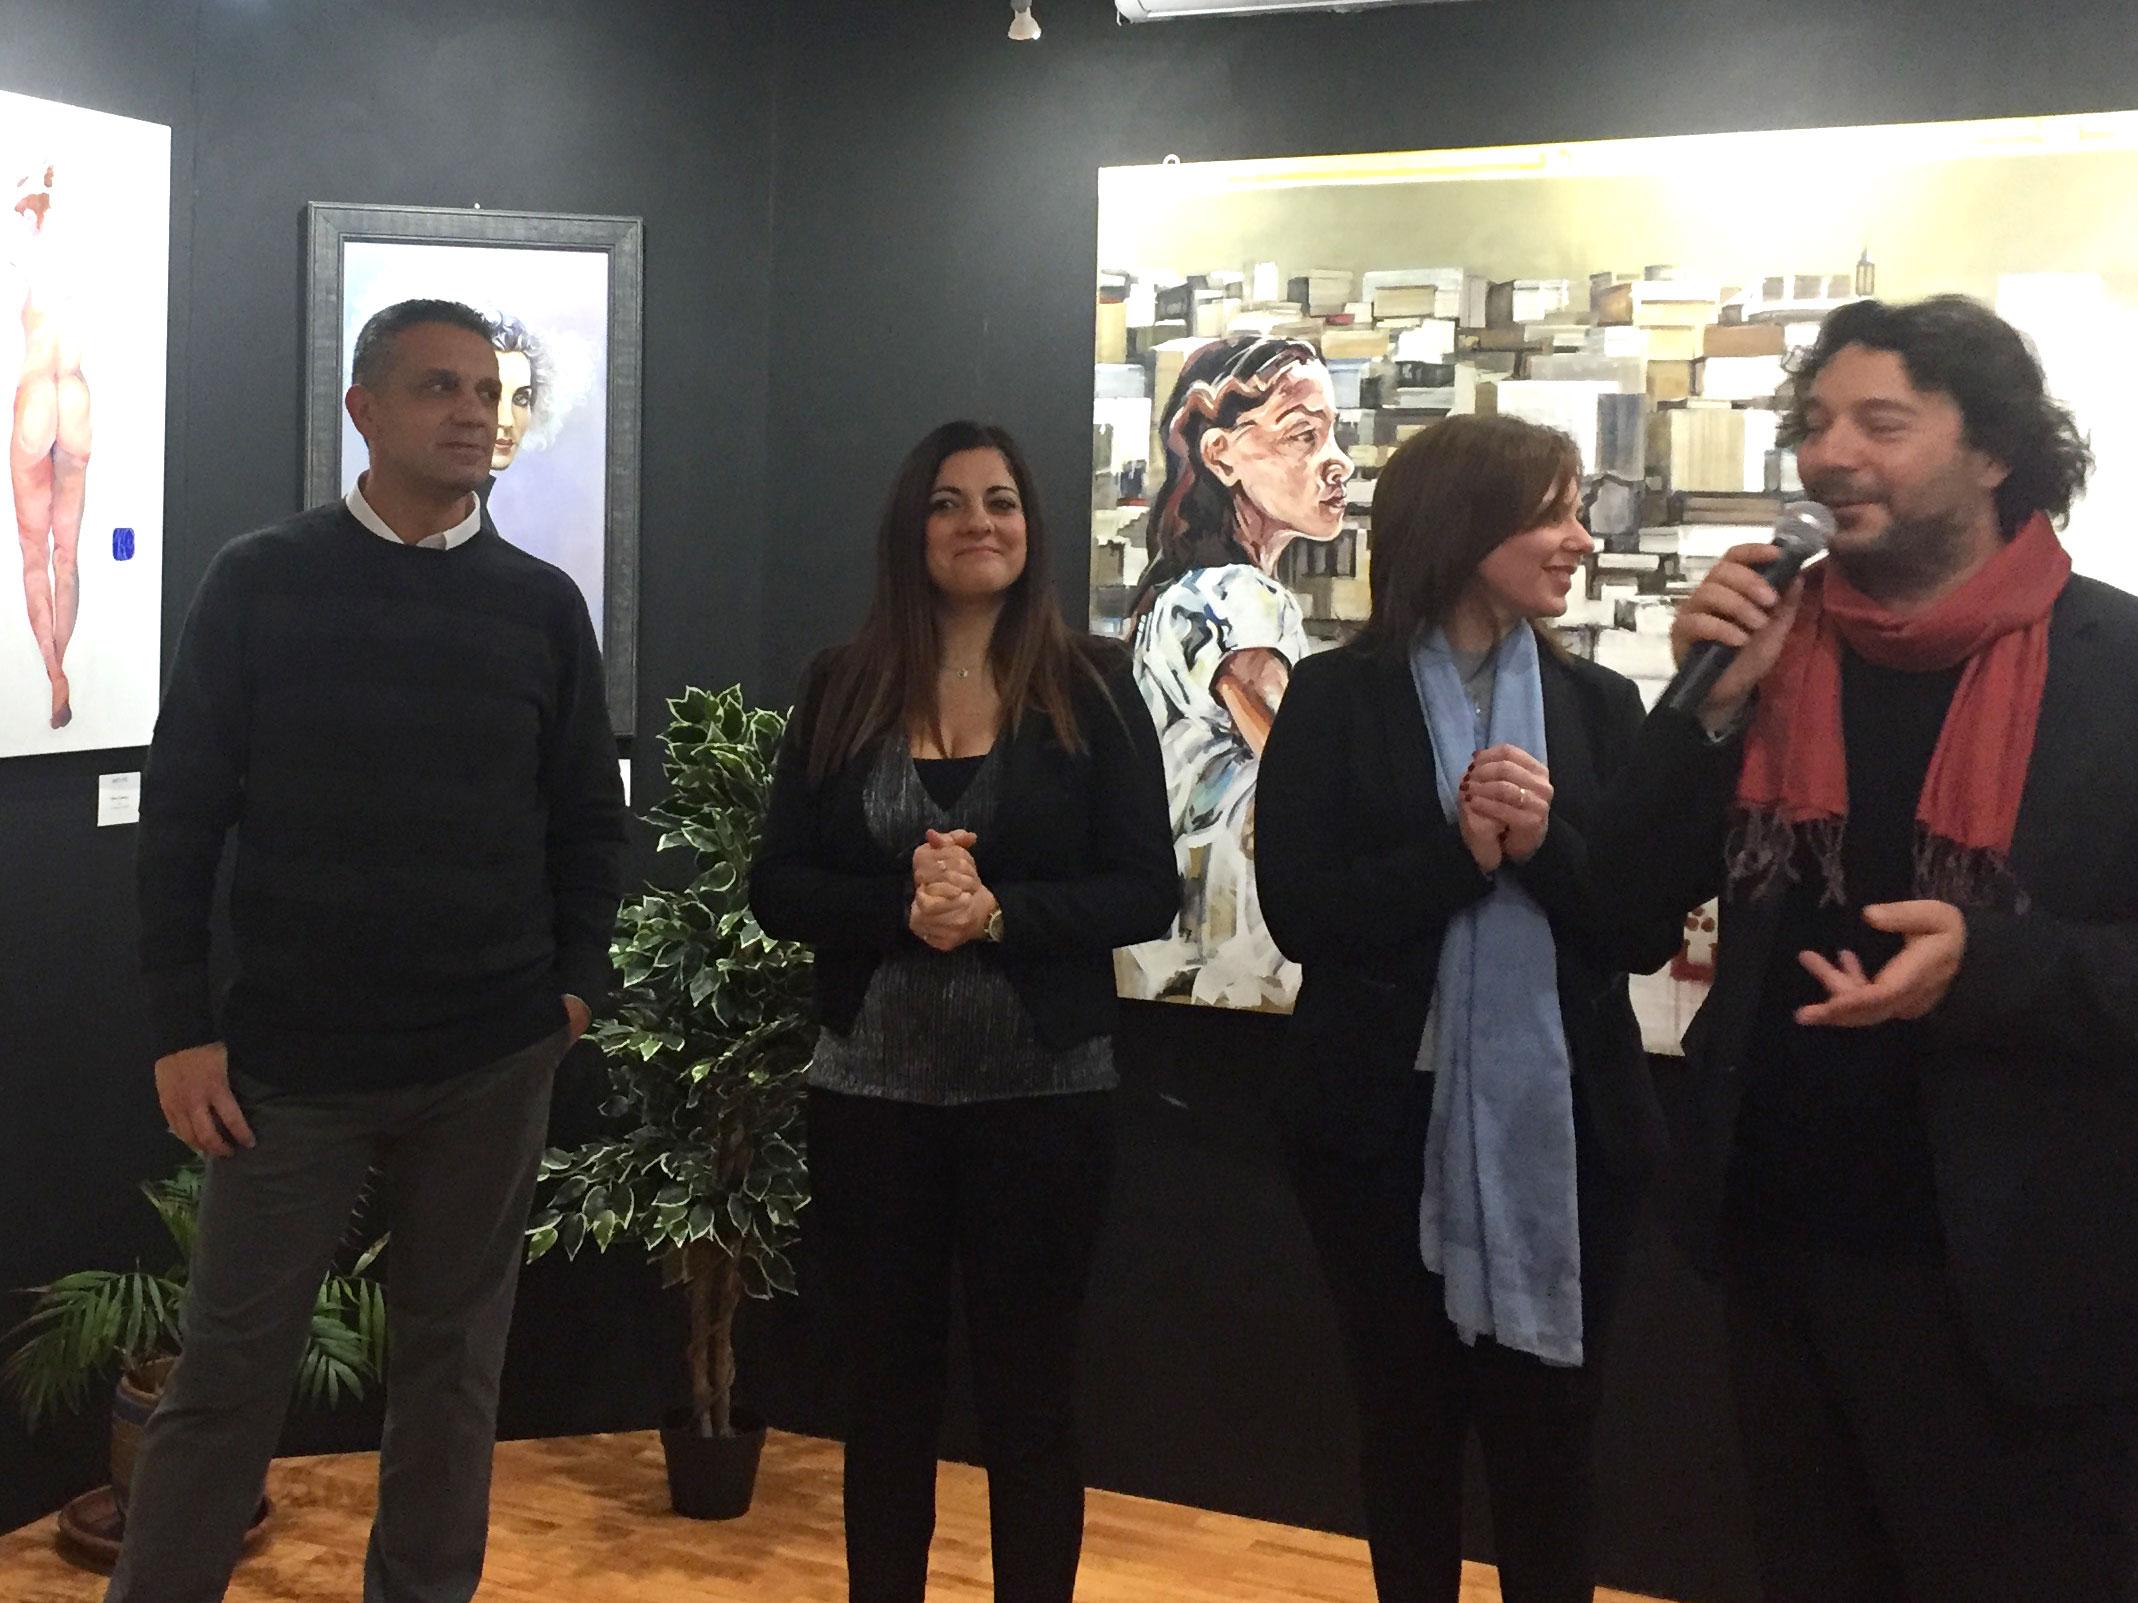 """Nino Argentati, Barbara Romeo, leonarda zappulla e Sandro Serradifalco durante il Premio """"I Grandi dell'Arte"""" tenutosi a Palermo dal 15 al 21 Dicembre 2019"""